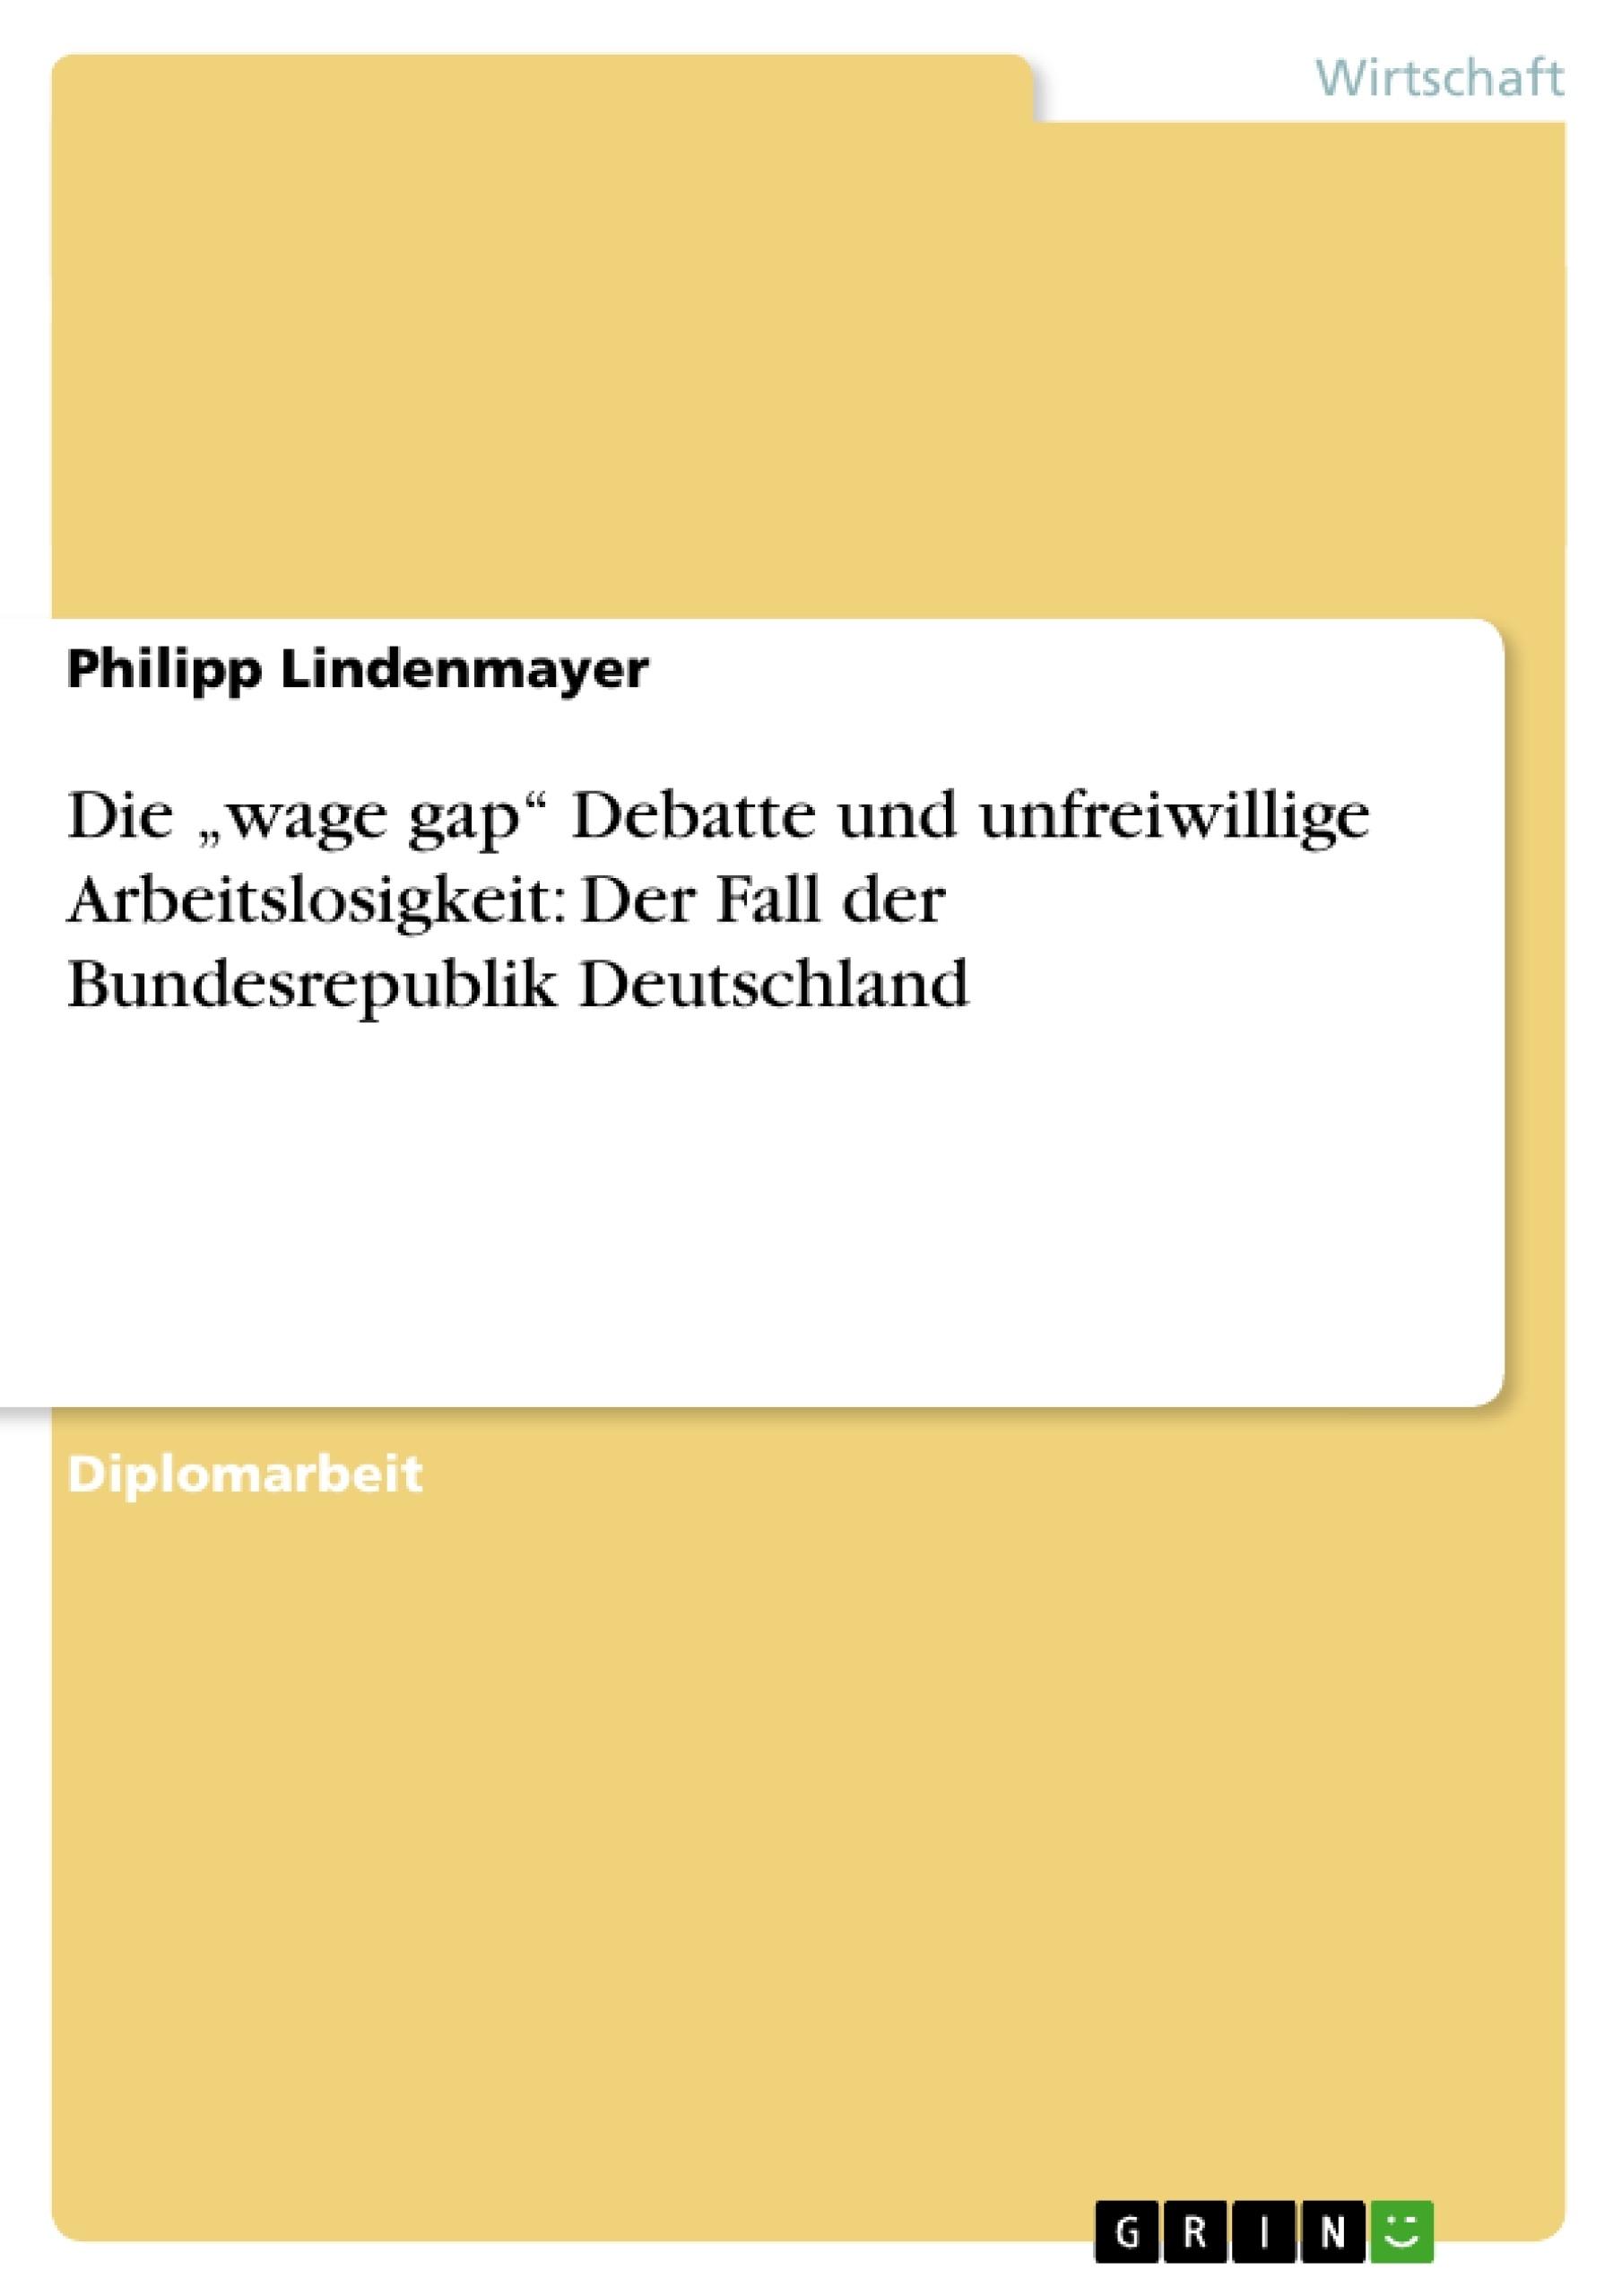 """Titel: Die """"wage gap"""" Debatte und unfreiwillige Arbeitslosigkeit: Der Fall der Bundesrepublik Deutschland"""